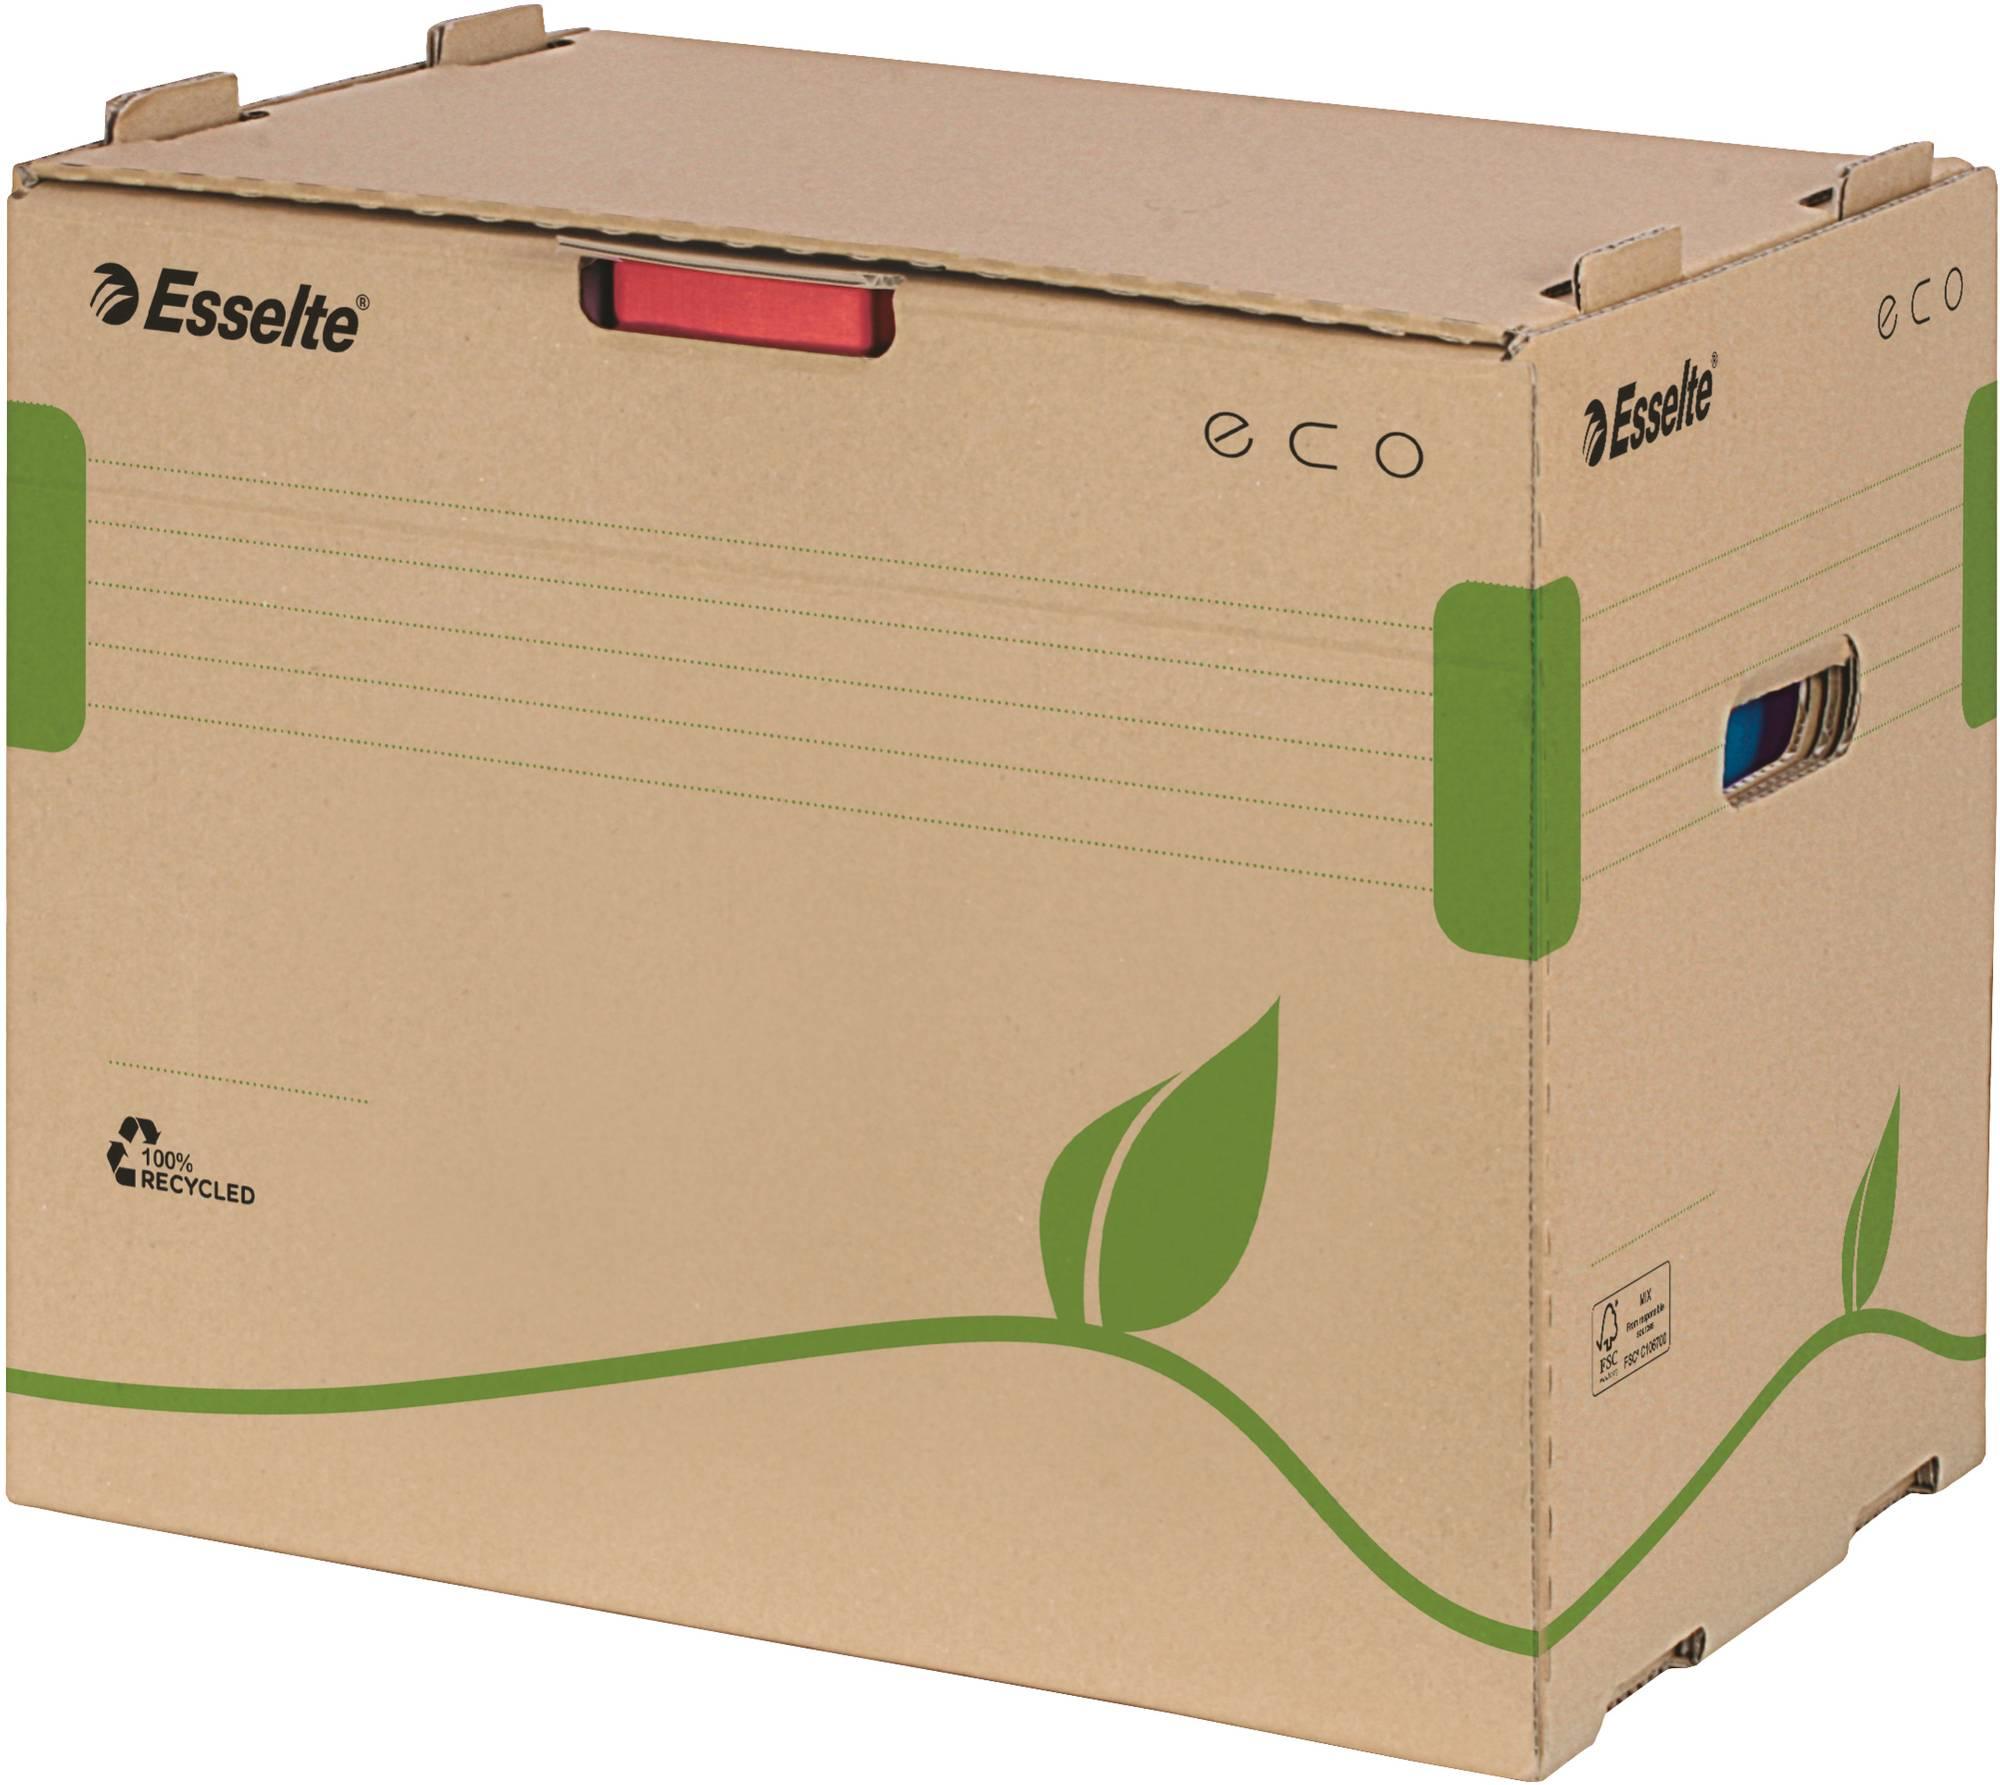 Esselte Archiv-Container 'ECO' für Ordner in braun